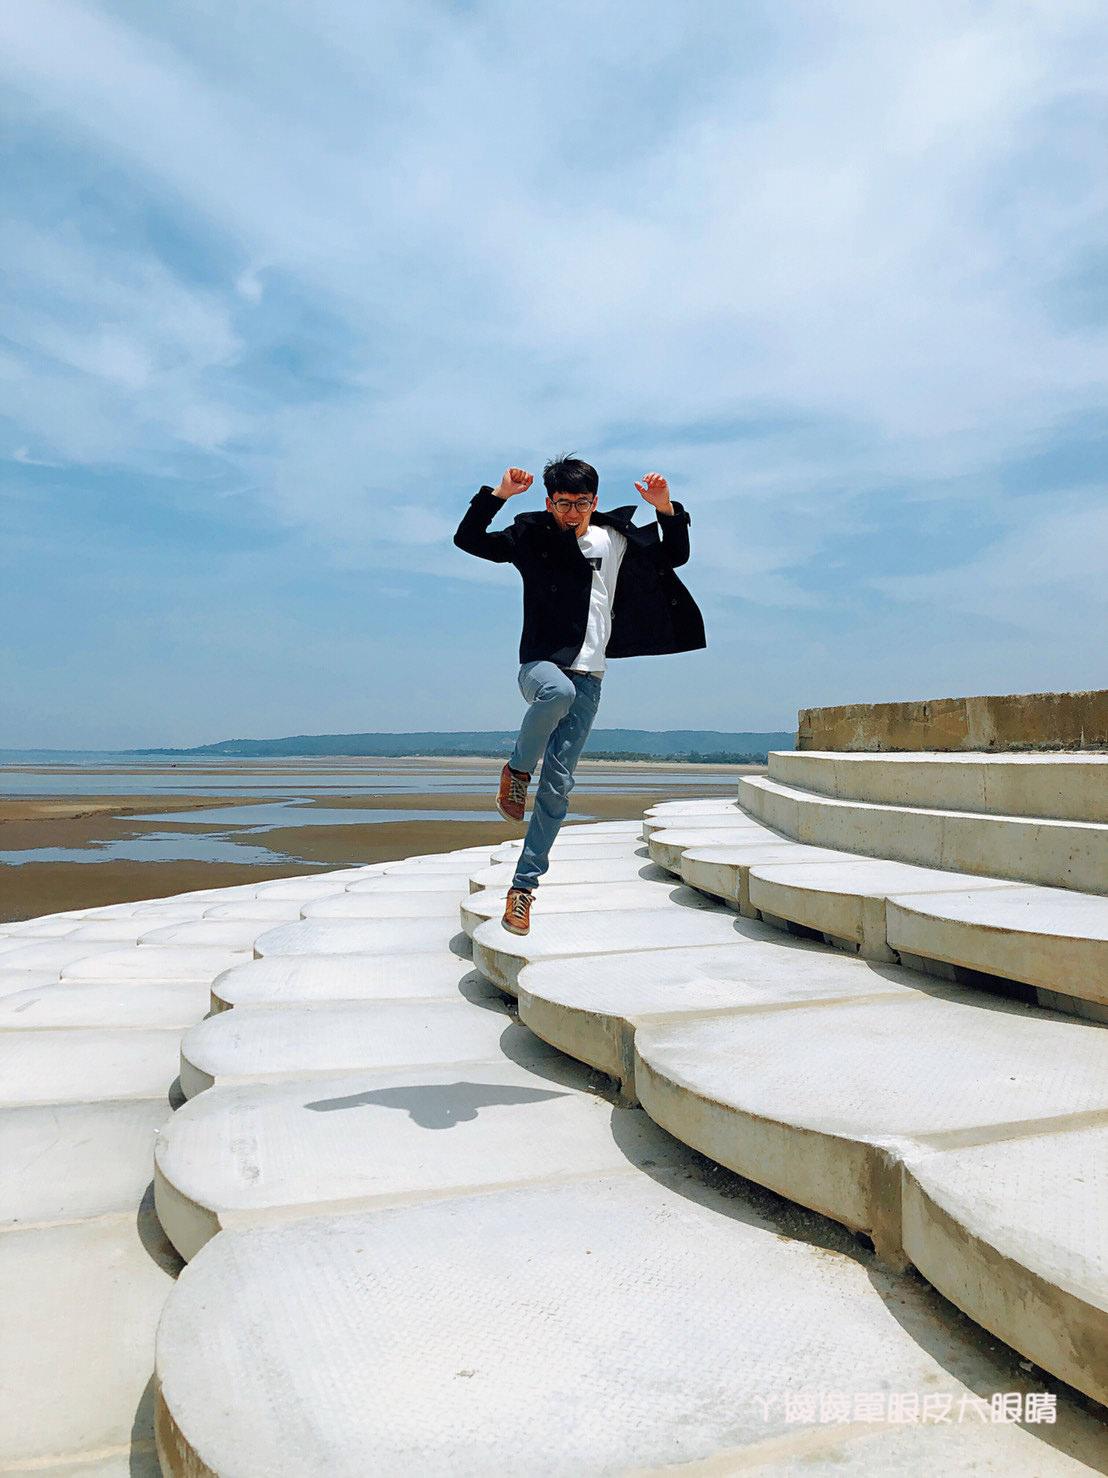 南寮漁港最新打卡景點!巨型大鍵盤坐落新竹,有南寮豆腐岩之稱的魚鱗天梯